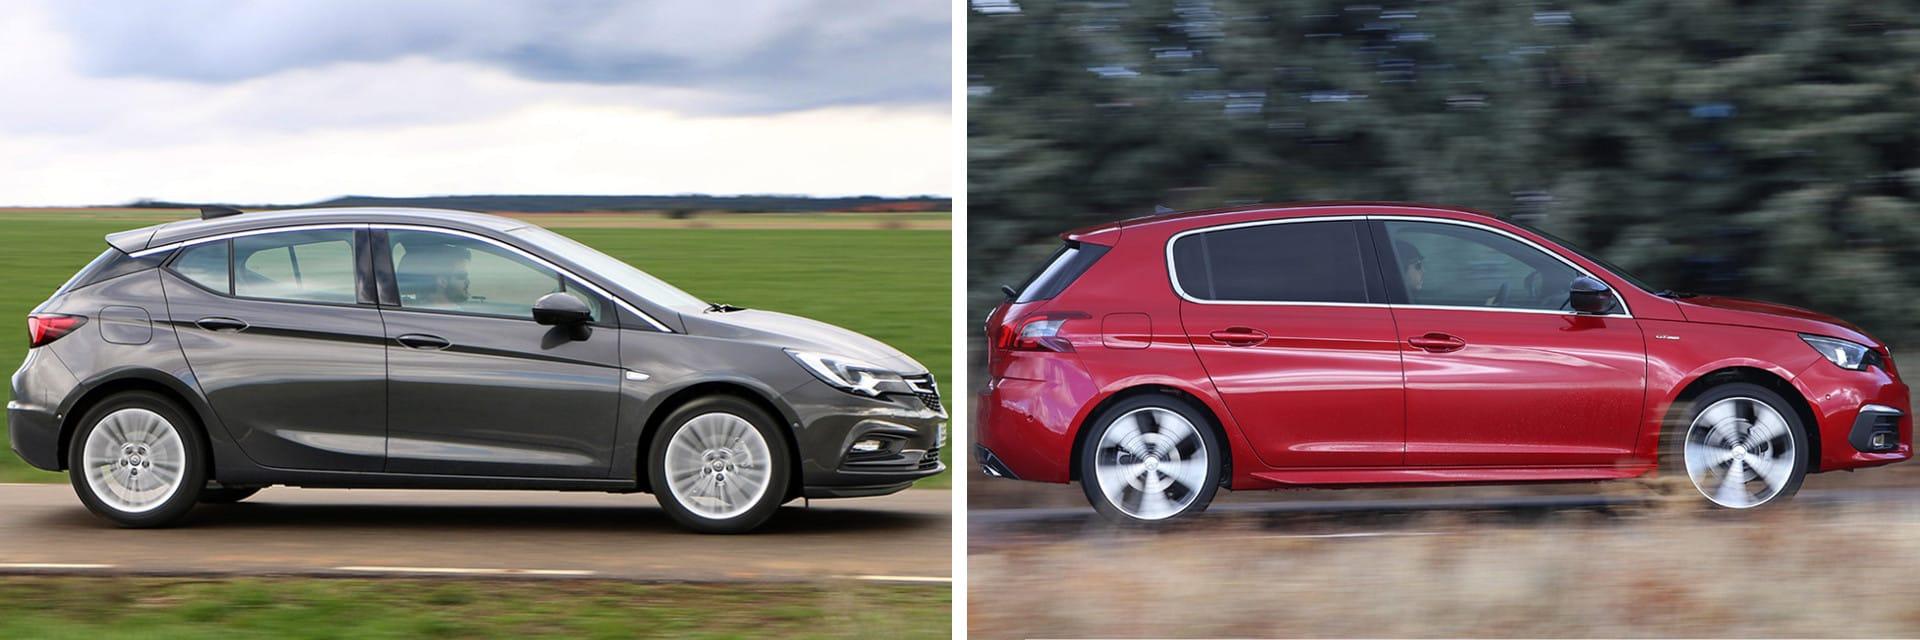 A la hora de realizar adelantamientos, el Opel Astra (izq.) es casi un segundo más rápido que el Peugeot 308 (dcha.)